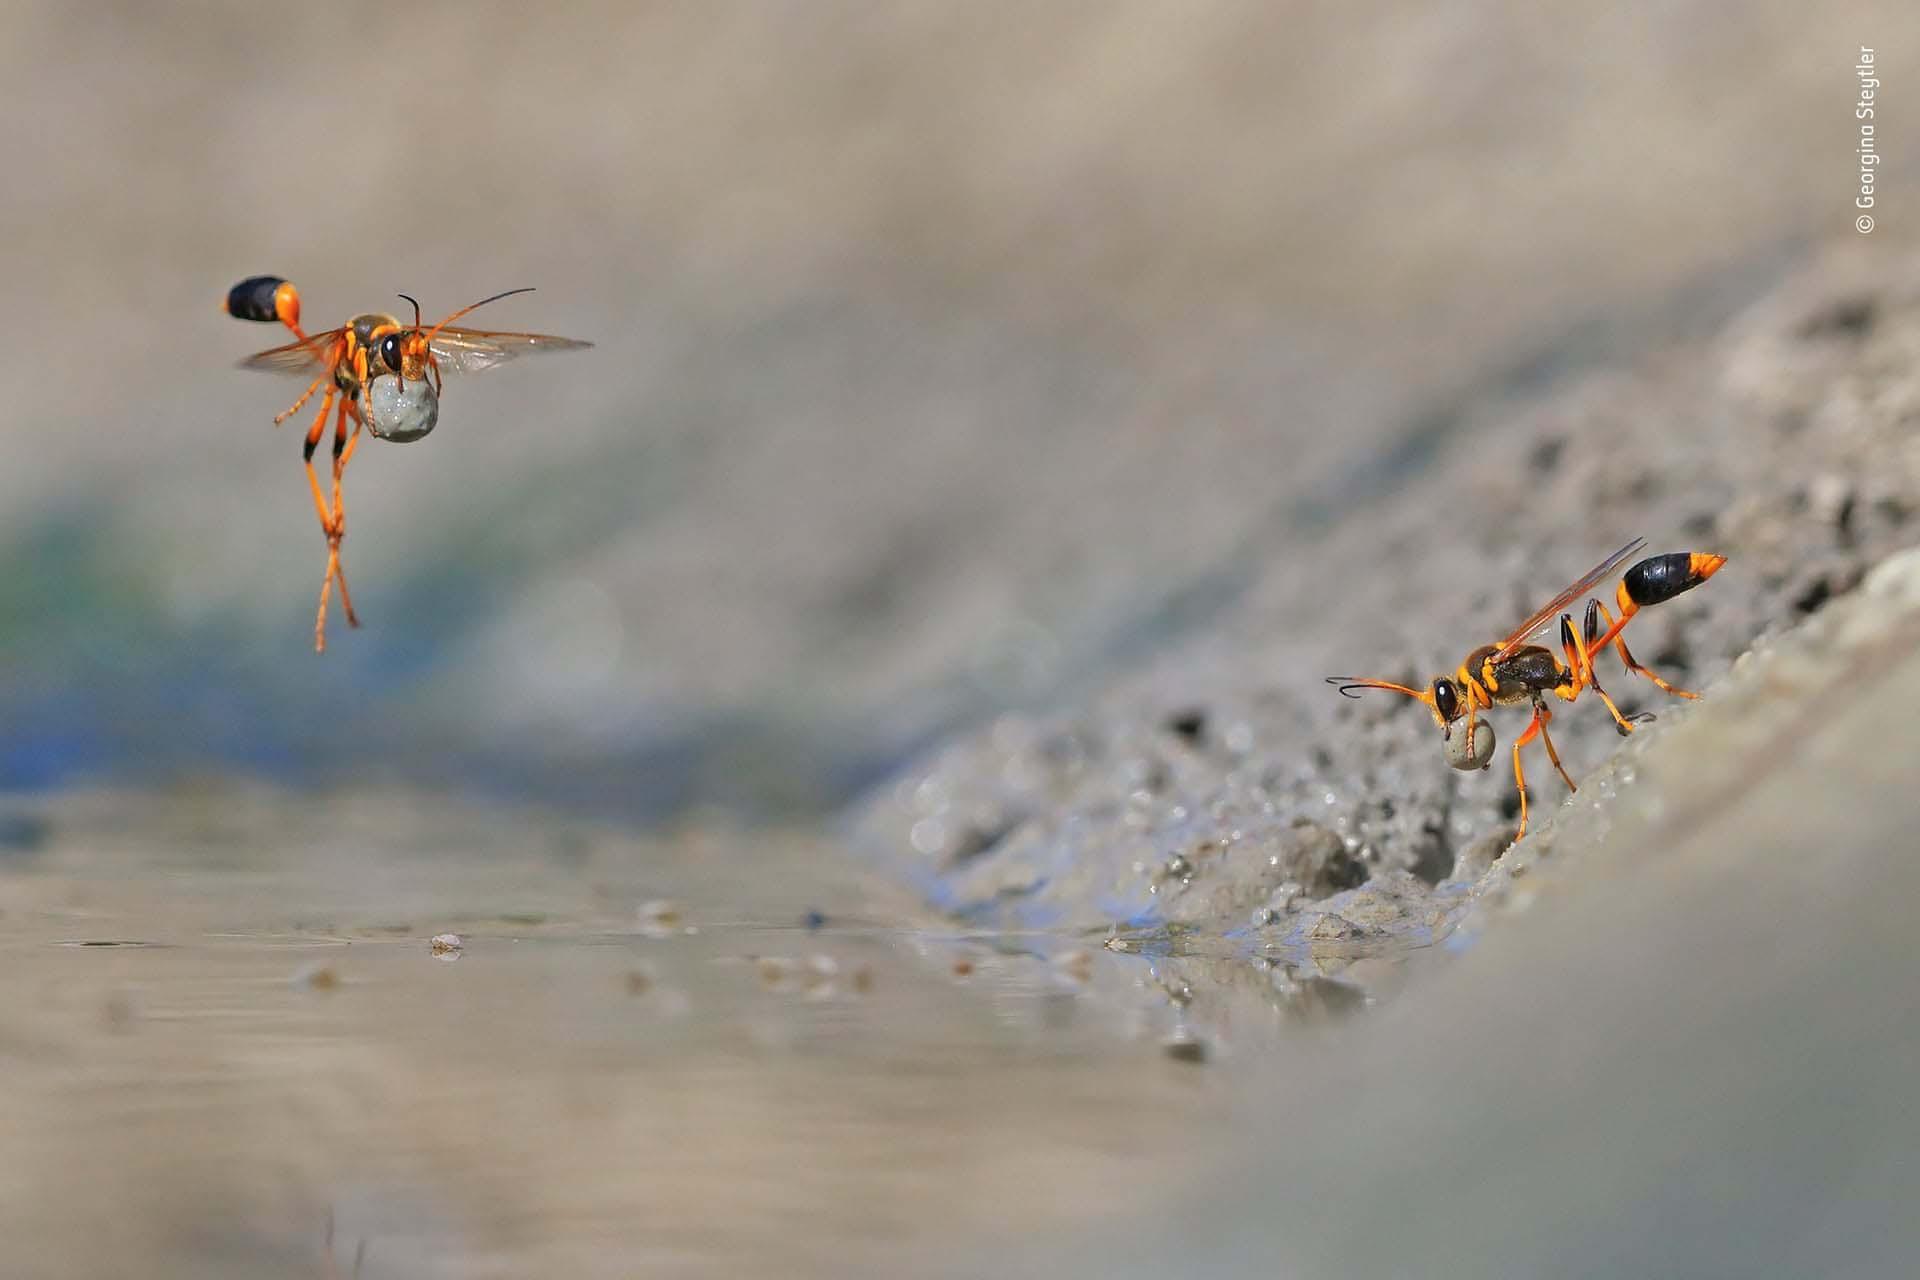 'Mud-Rolling Mud-Dauber': Georgina Steytler acudió temprano al pozo de agua para fotografiar aves, pero su atención se desvió a estas laboriosas avispas. Estaban ocupadas en la orilla del agua, enrollando el suave lodo en bolas y llevándolos a sus nidos cercanos. Para tener un buen ángulo, se tendió en el lodo, luego se concentró en una posible ruta de vuelo y comenzó a disparar continuamente